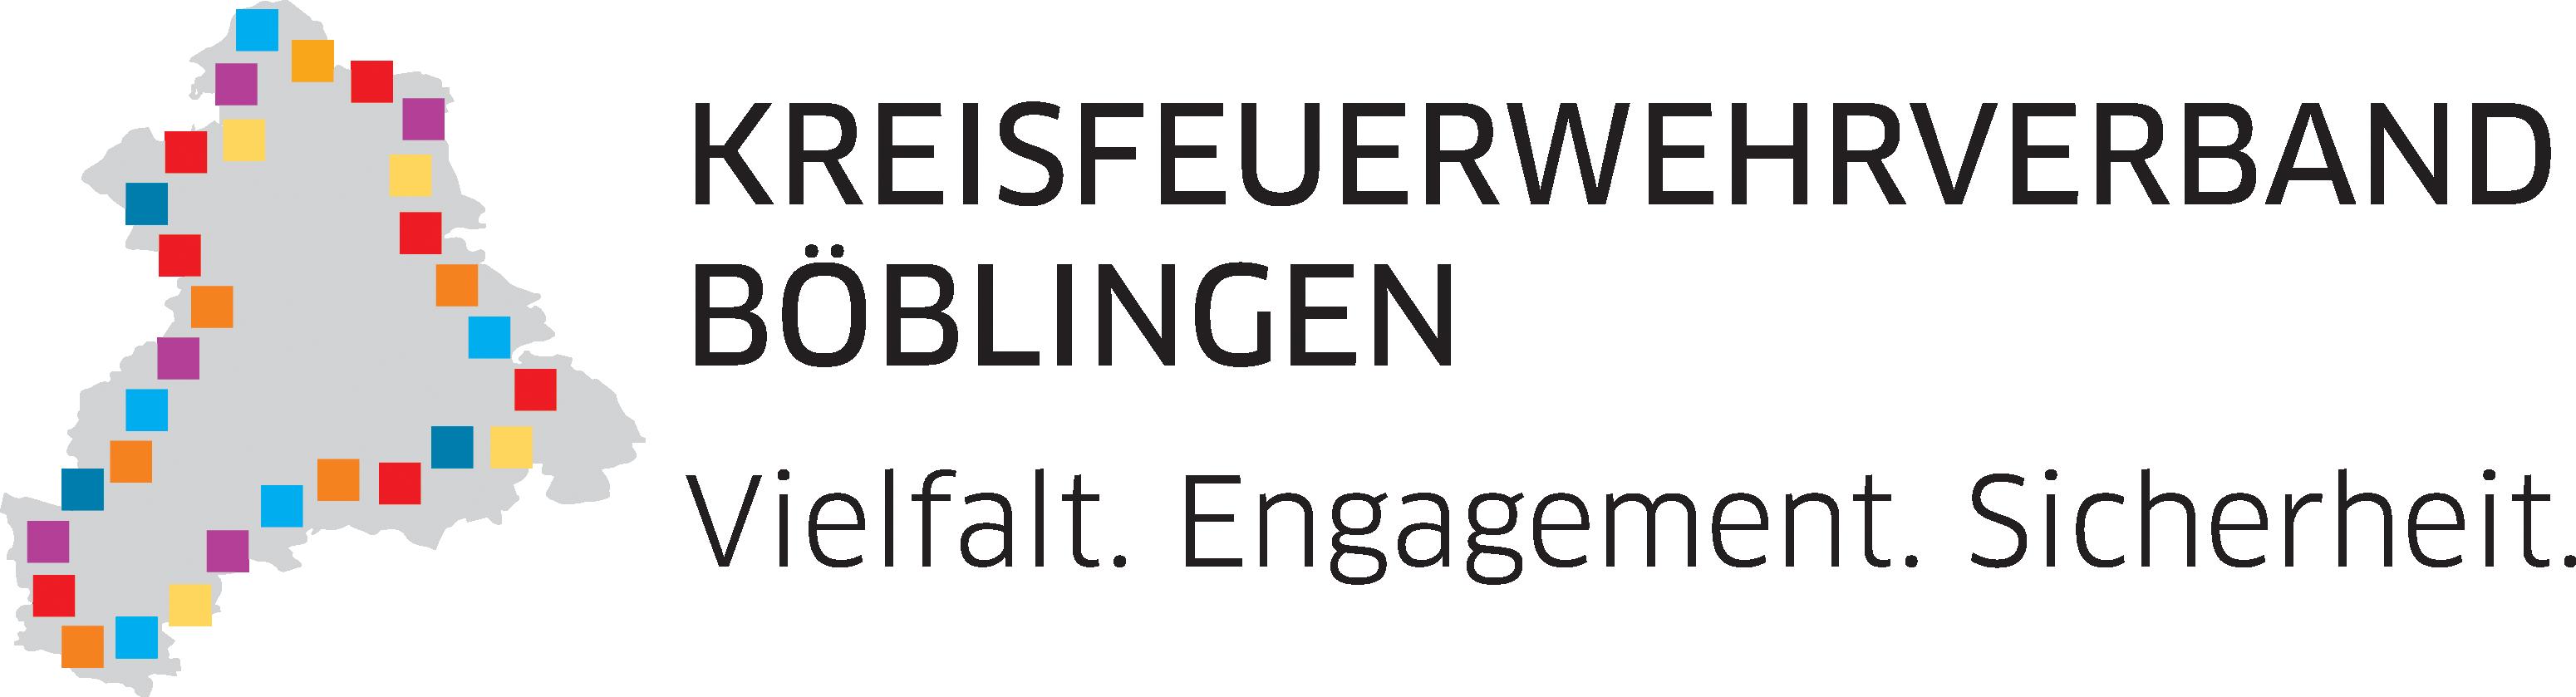 Kreisfeuerwehrverband Böblingen